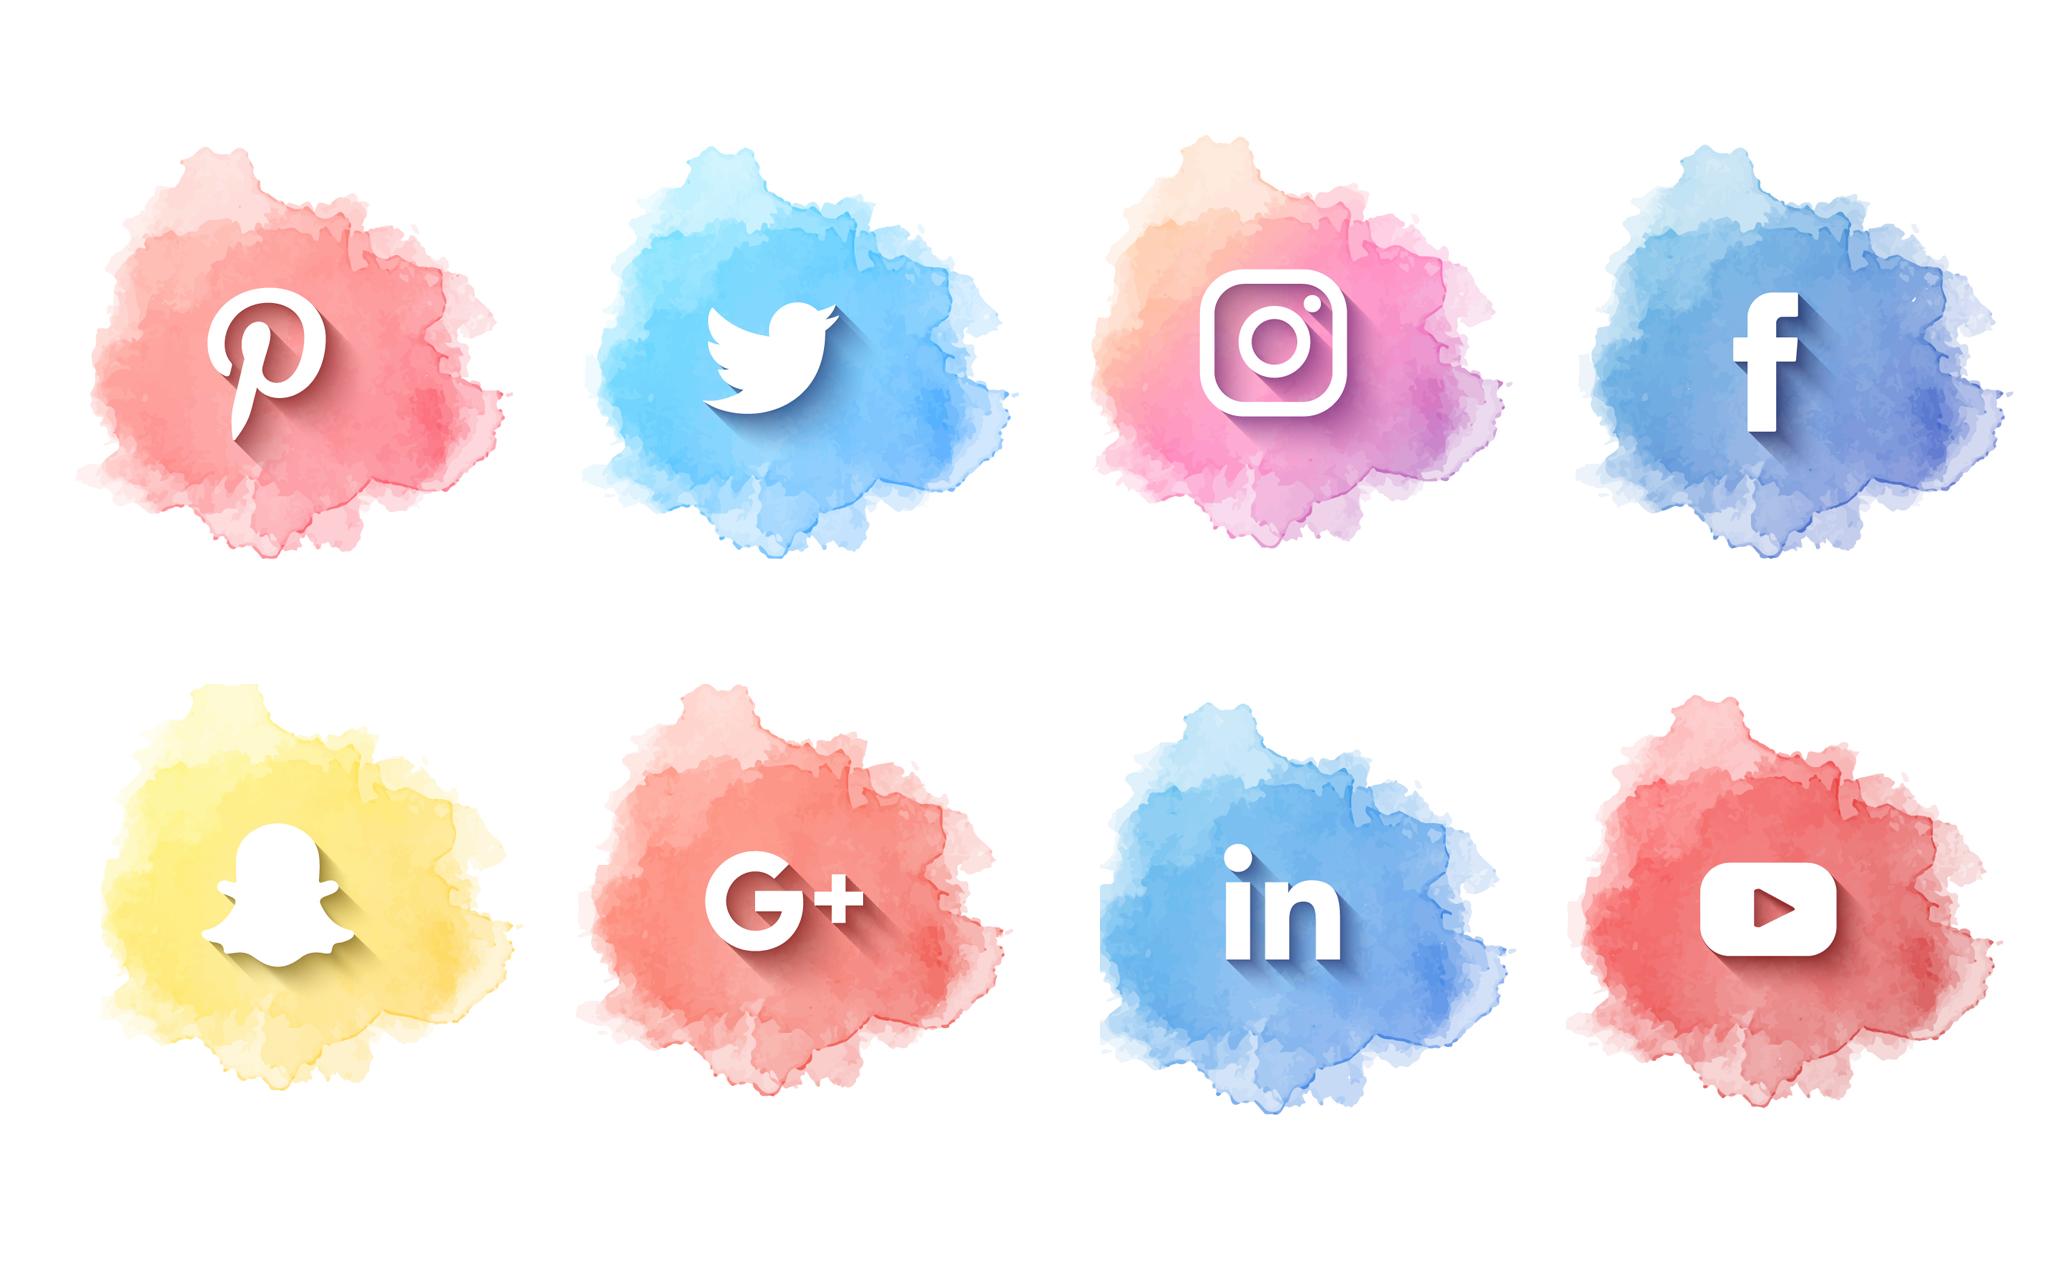 Infographic] So sánh độ lớn các trang mạng xã hội | Tinh tế